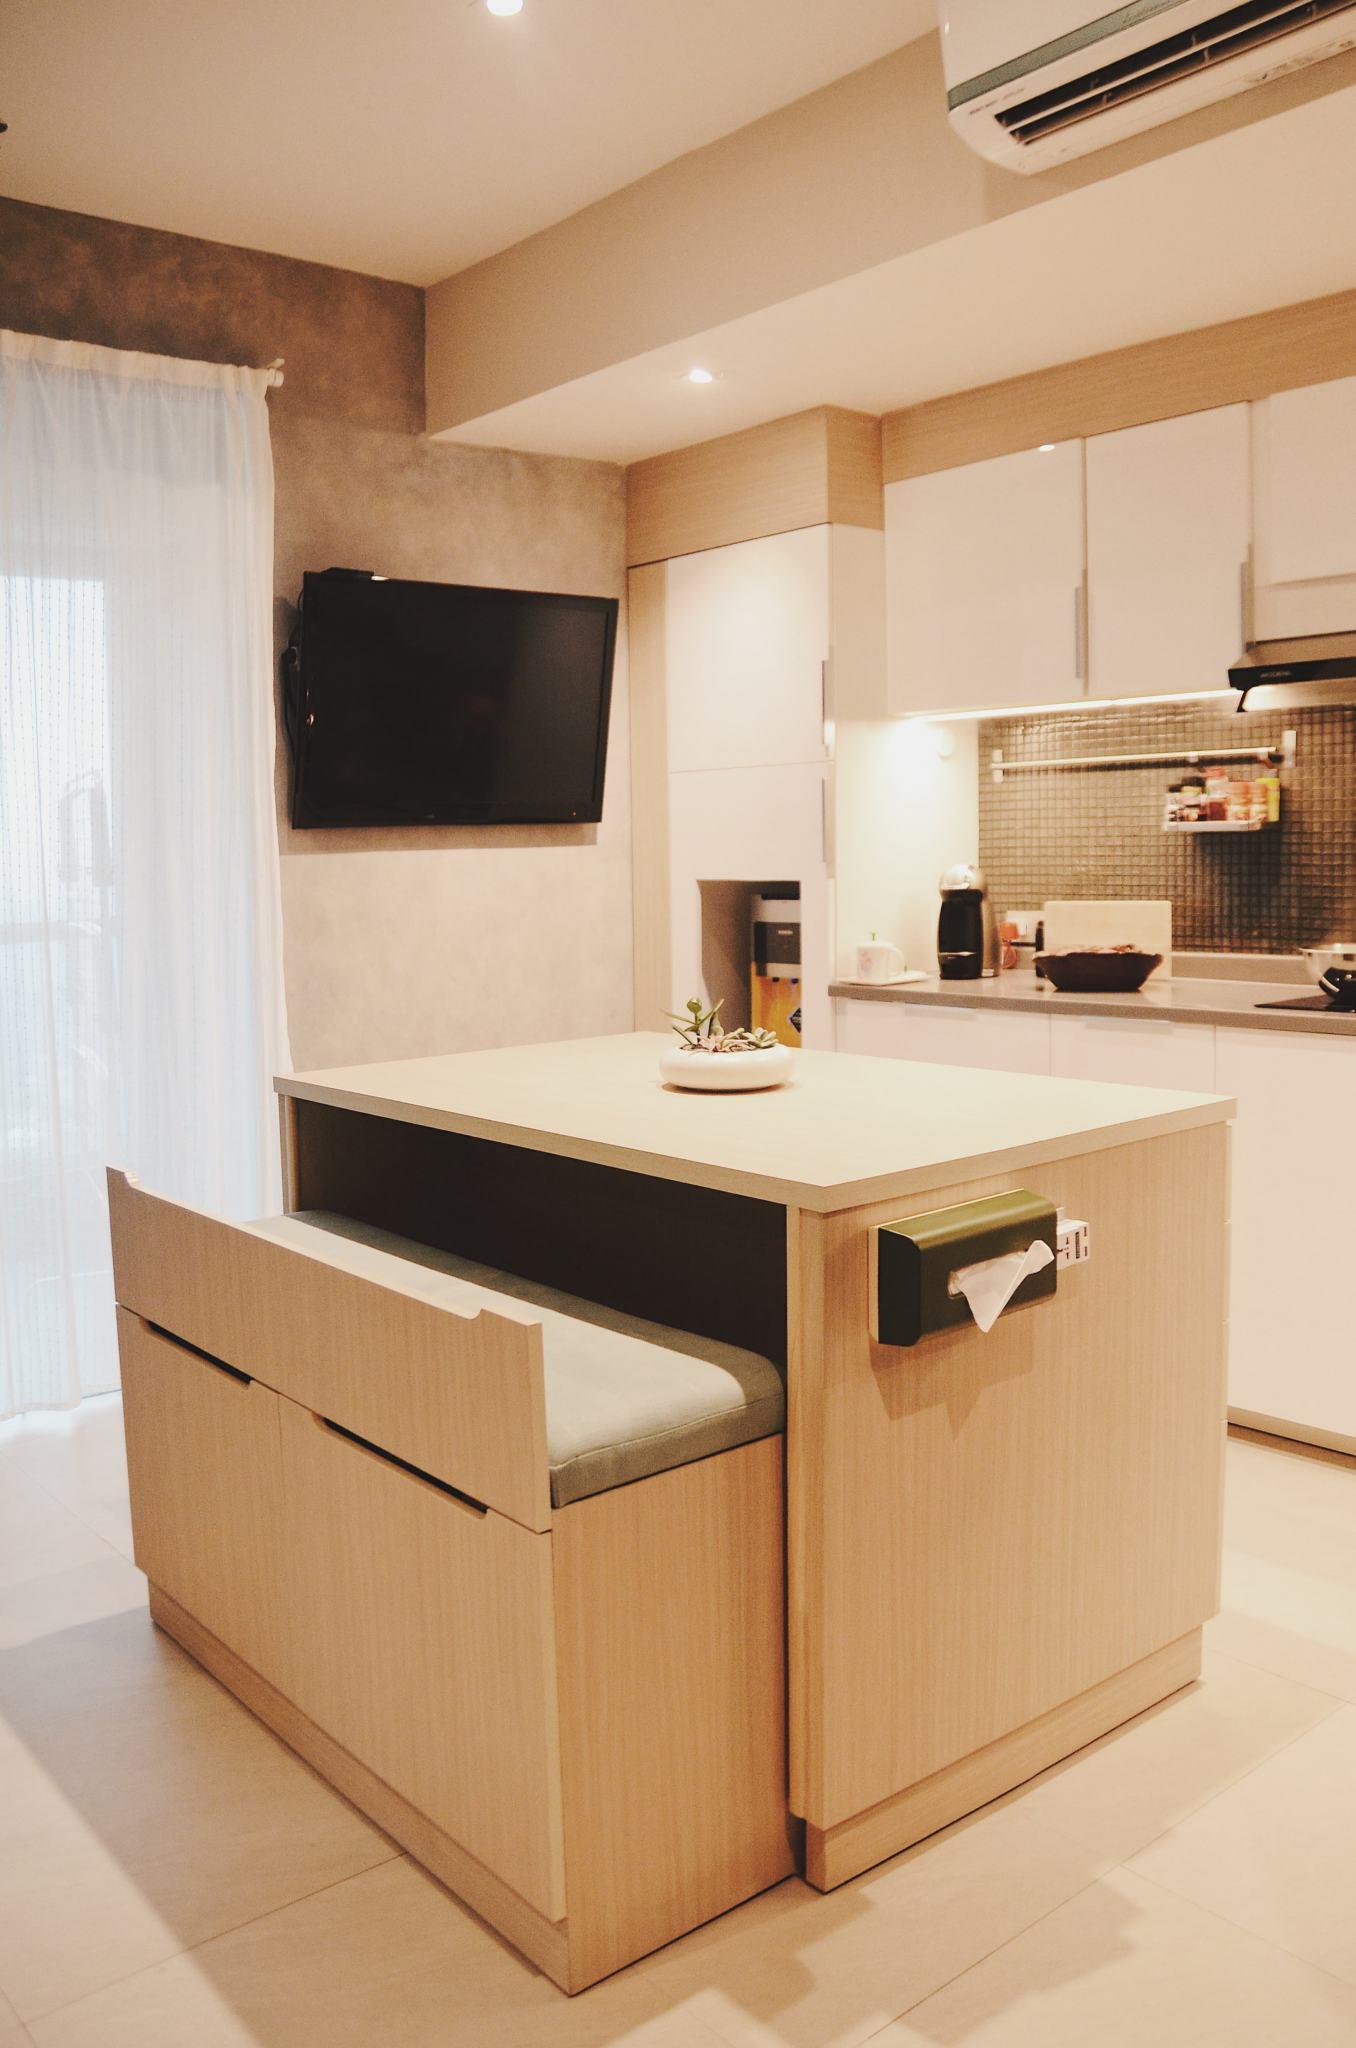 bentuk efektif dan efisien agar dapur terlihat lebih keren » Kegiatan Memasak Menjadi Lebih Menyenangkan di Dapur yang Menggembirakan